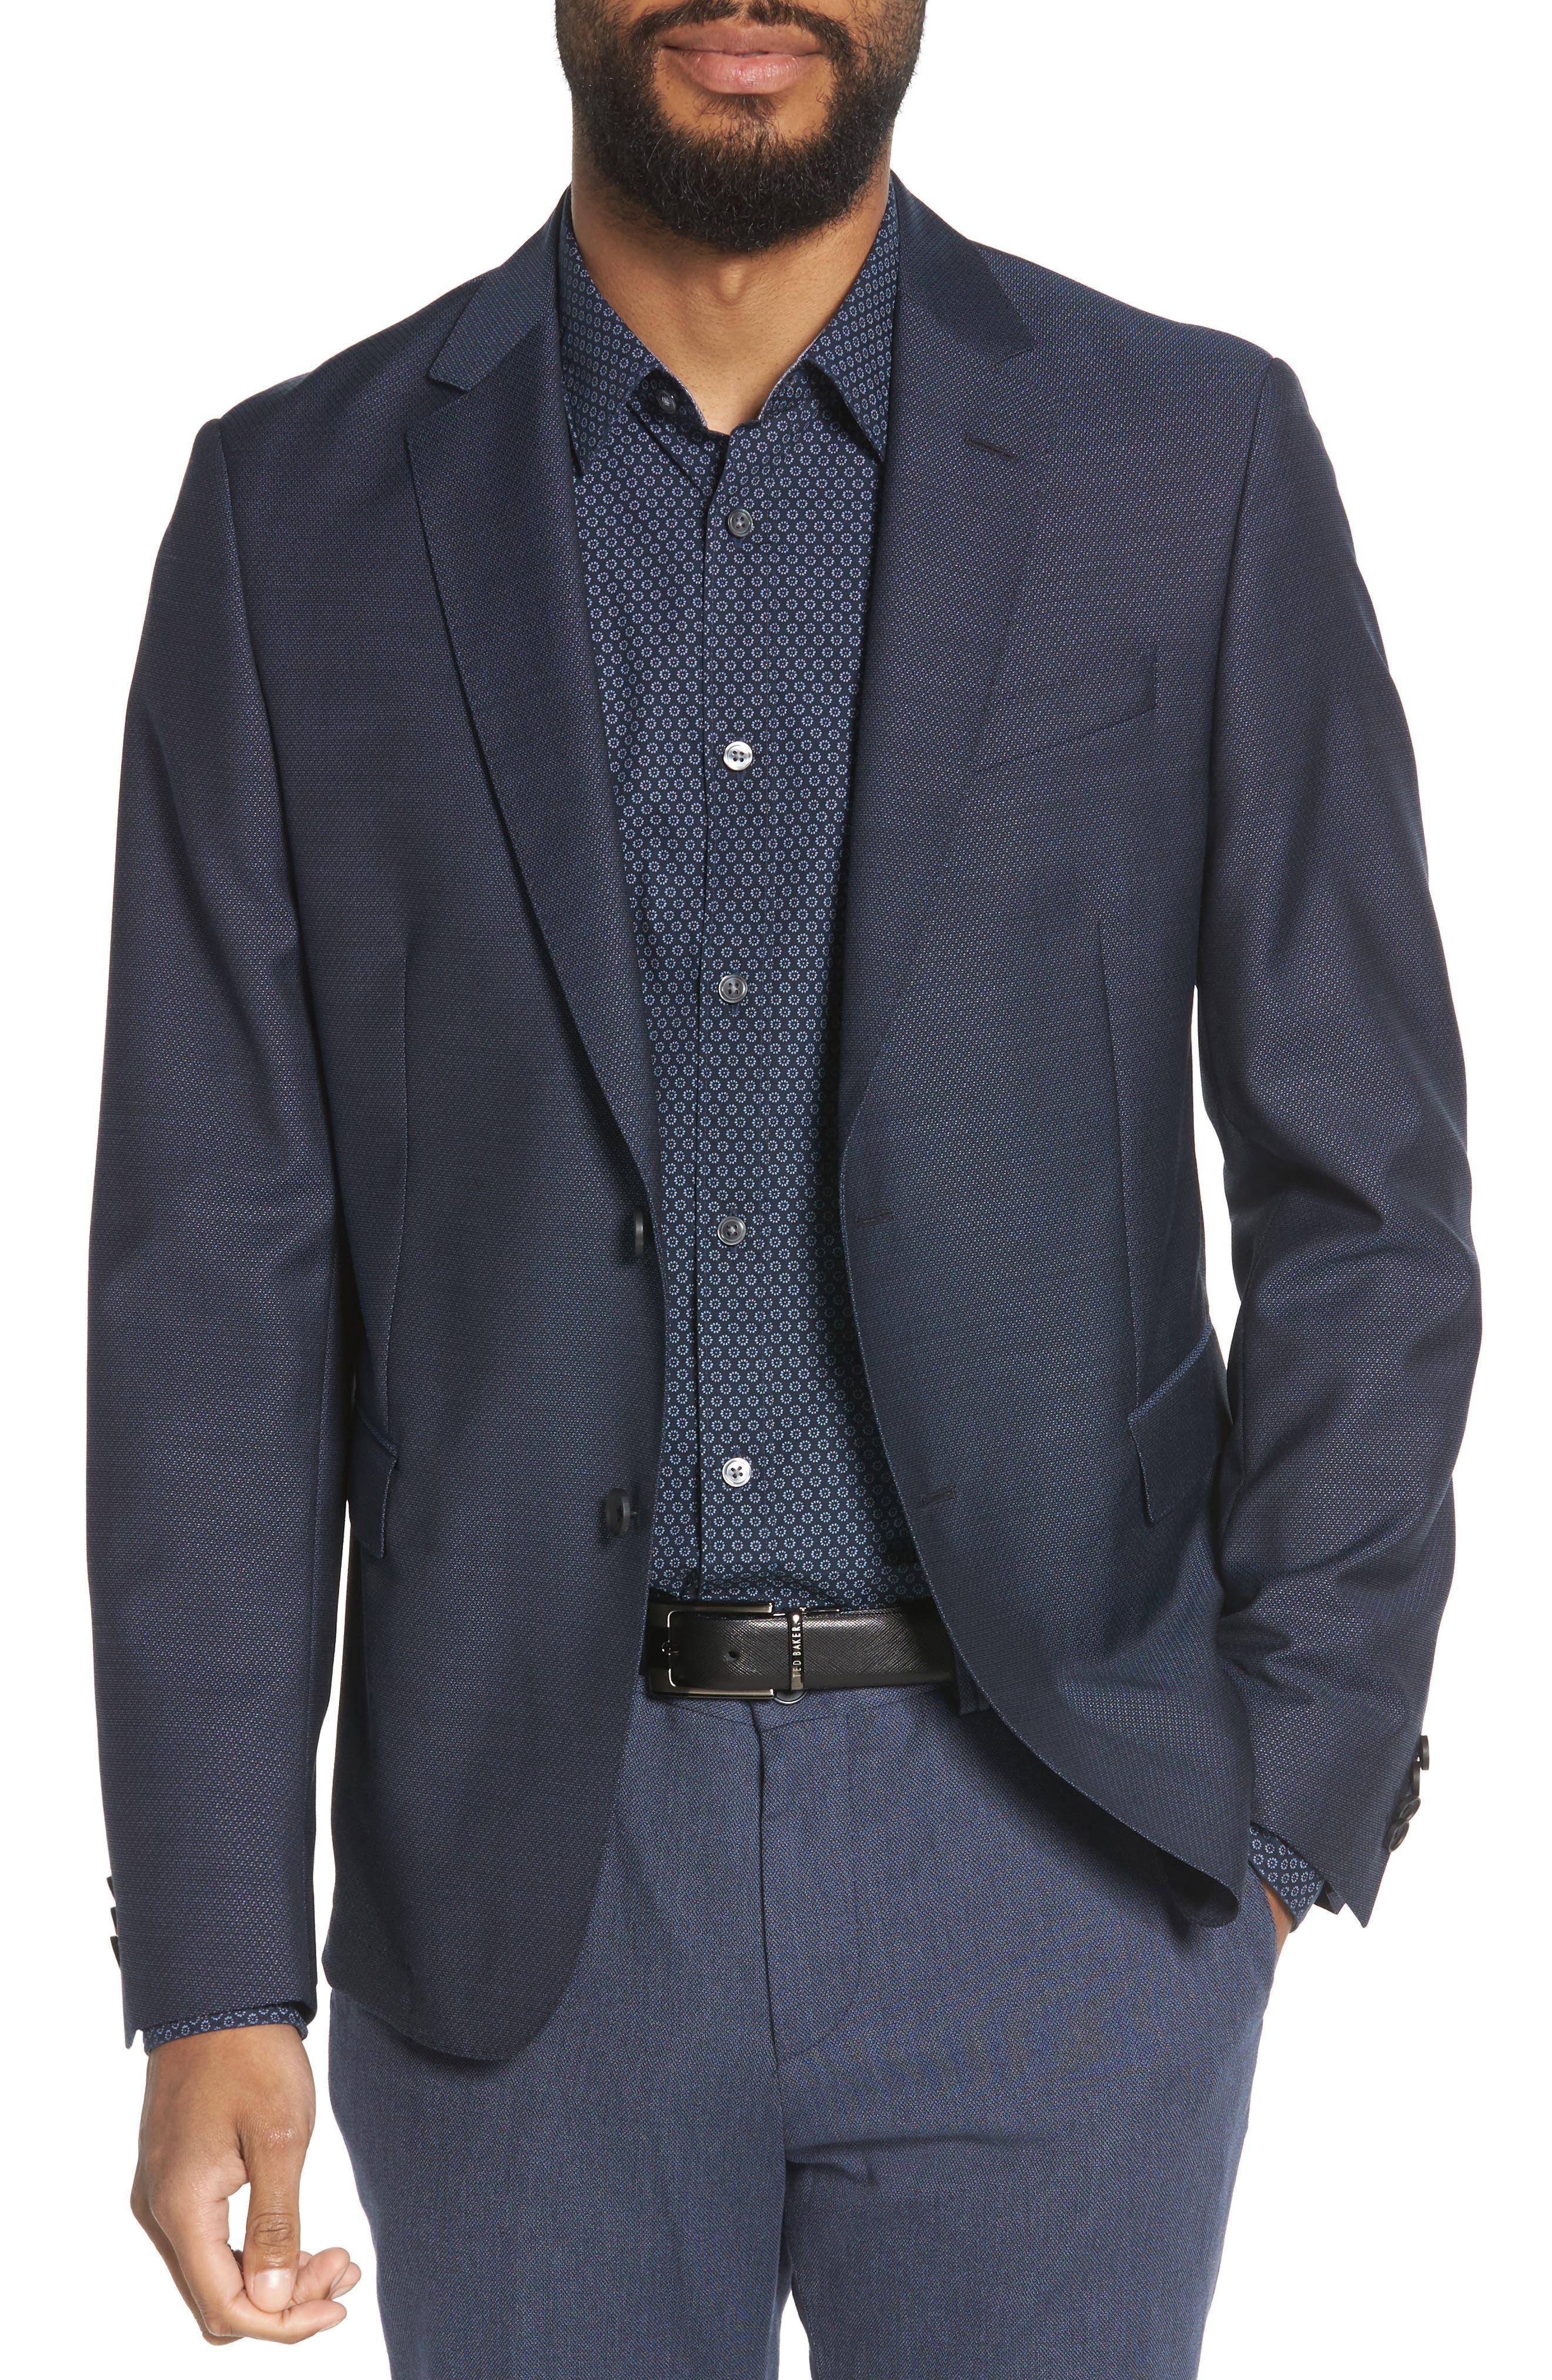 Nobis Trim Fit Wool Blazer,                             Main thumbnail 1, color,                             BLUE